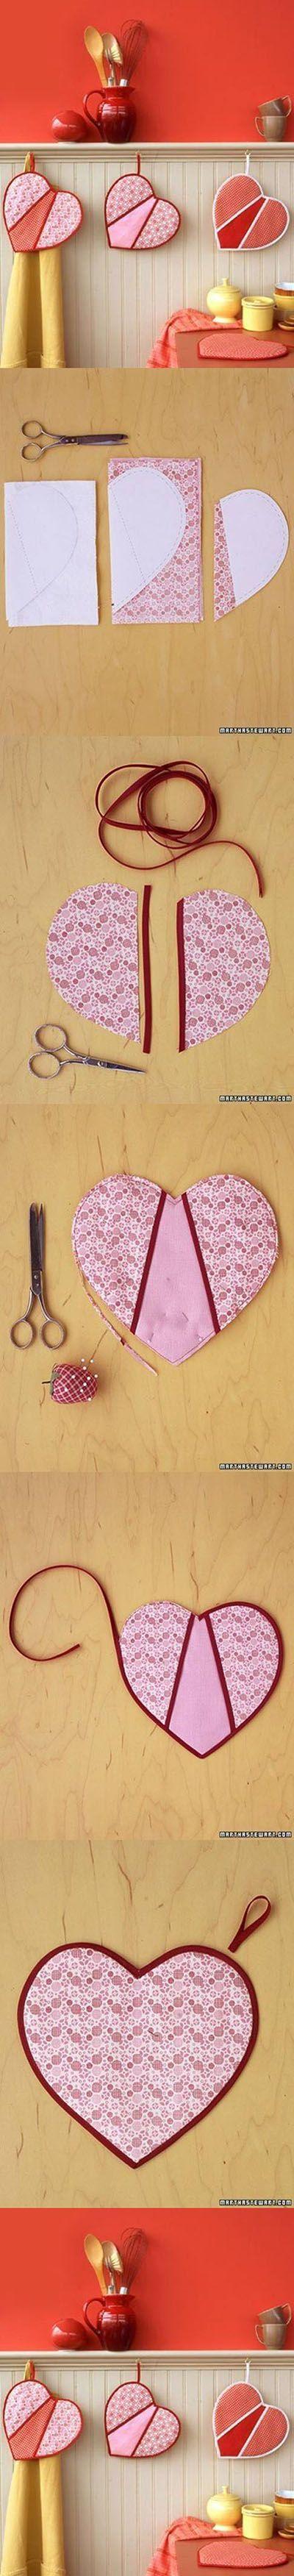 So Lovely Heart Craft | DIY Crafts Tutorials